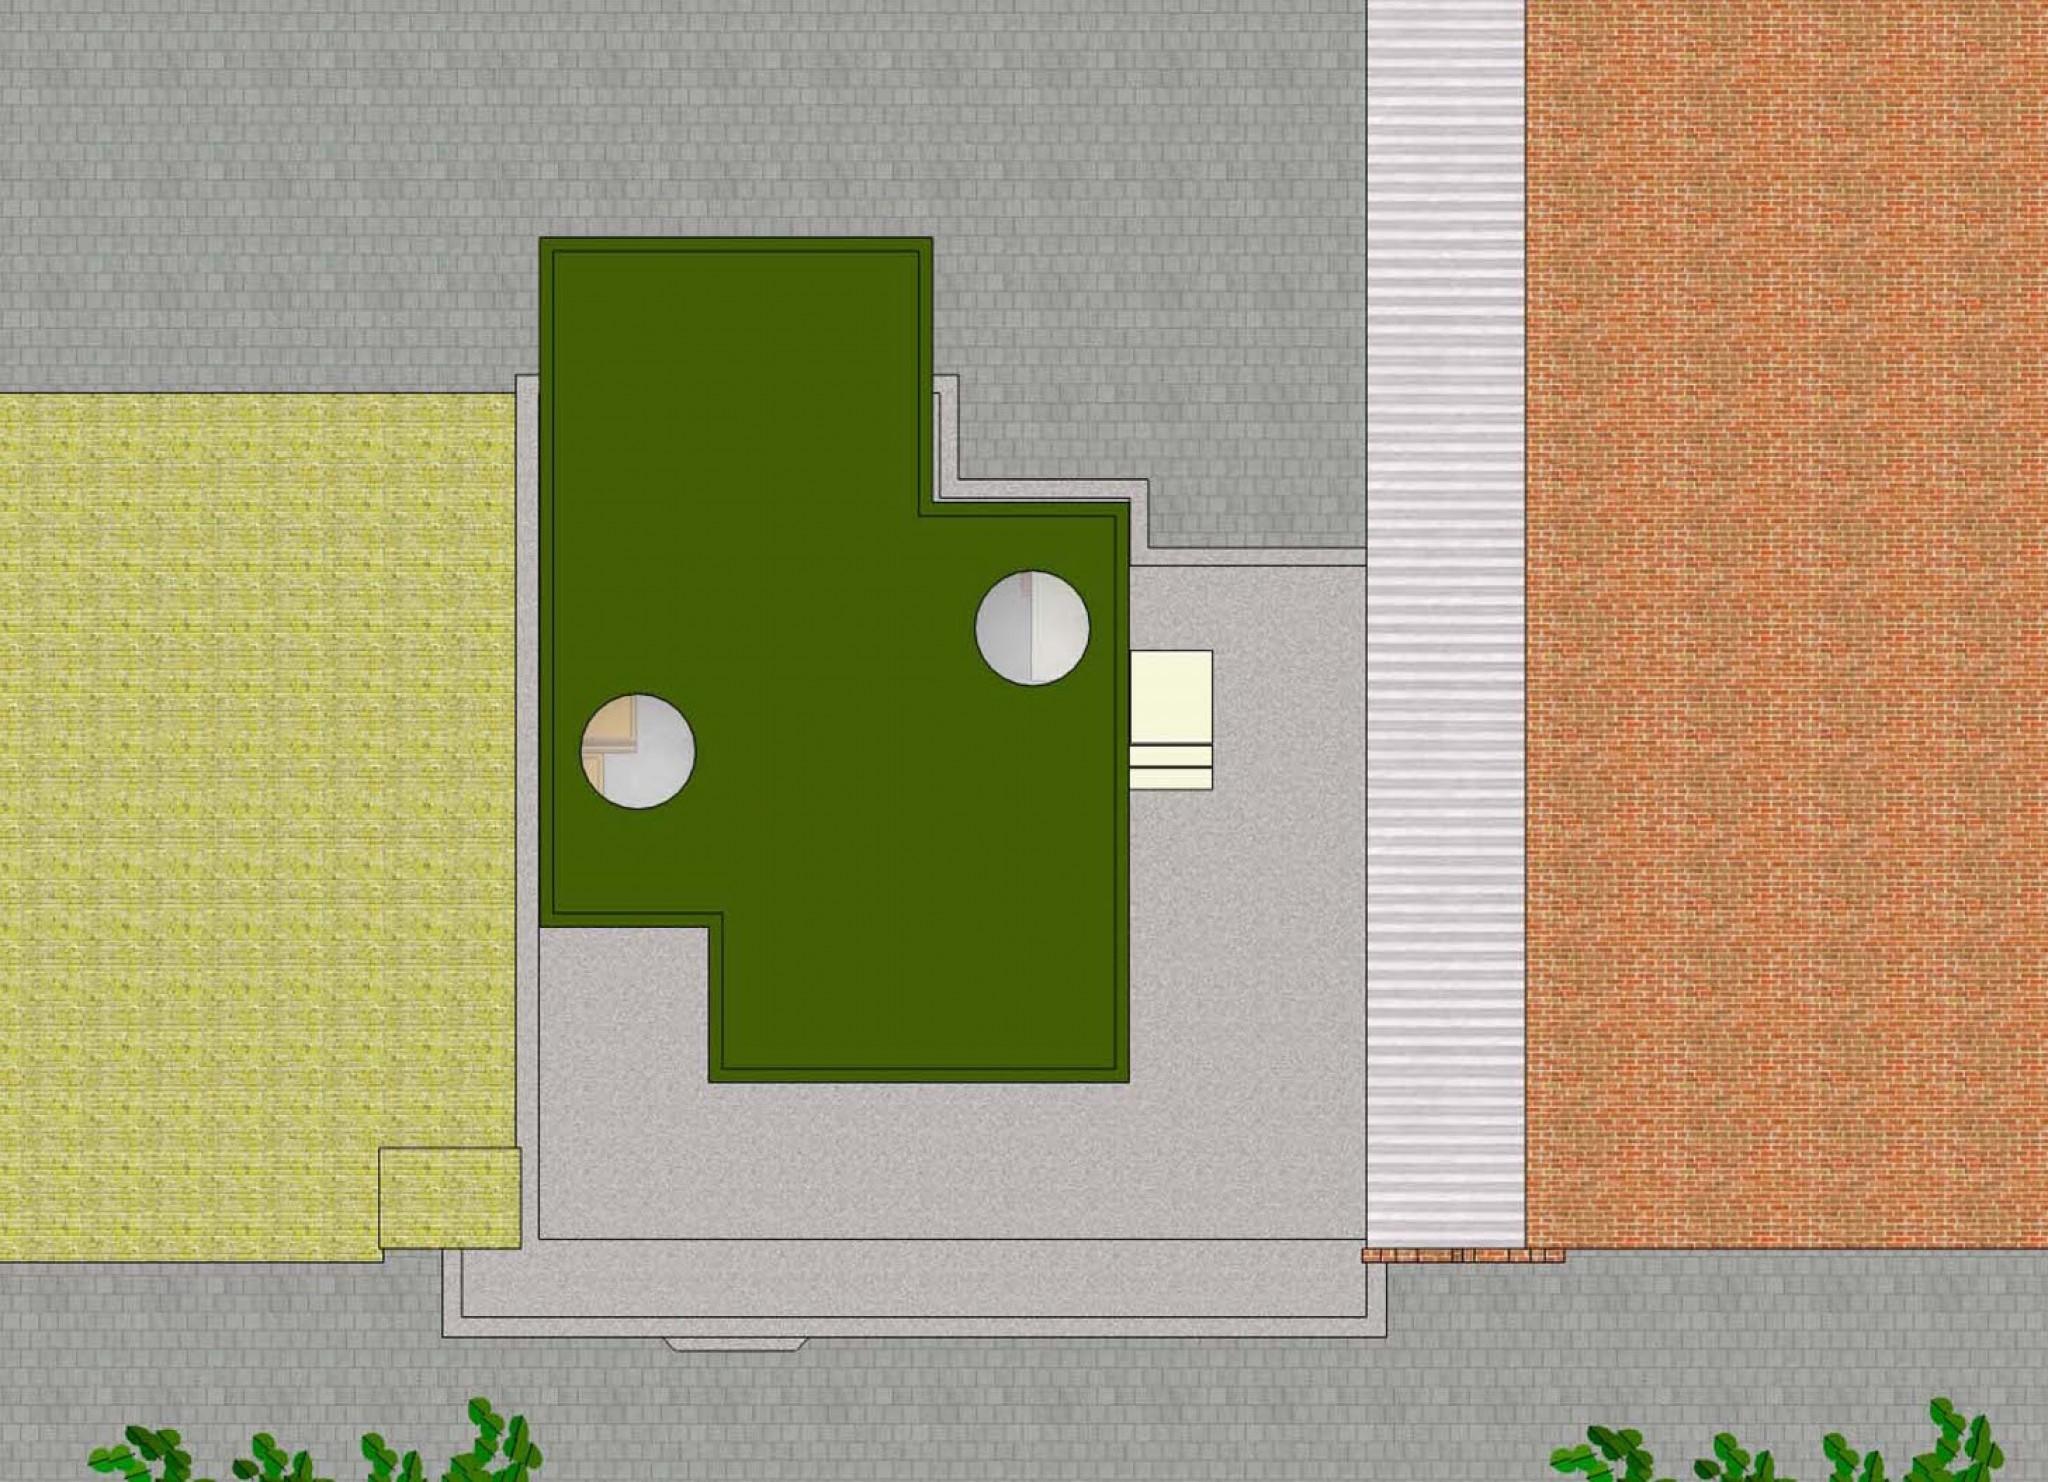 De Ontwerpwerkplaats, Gijs Niemeijer, Floor van Ditzhuyzen, Dakhuis Mathenesserlaan, ontwerp dakhuis, architect dakopbouw, ontwerp micro-appartement, ontwerp mini-appartement, ontwerp penthouse,